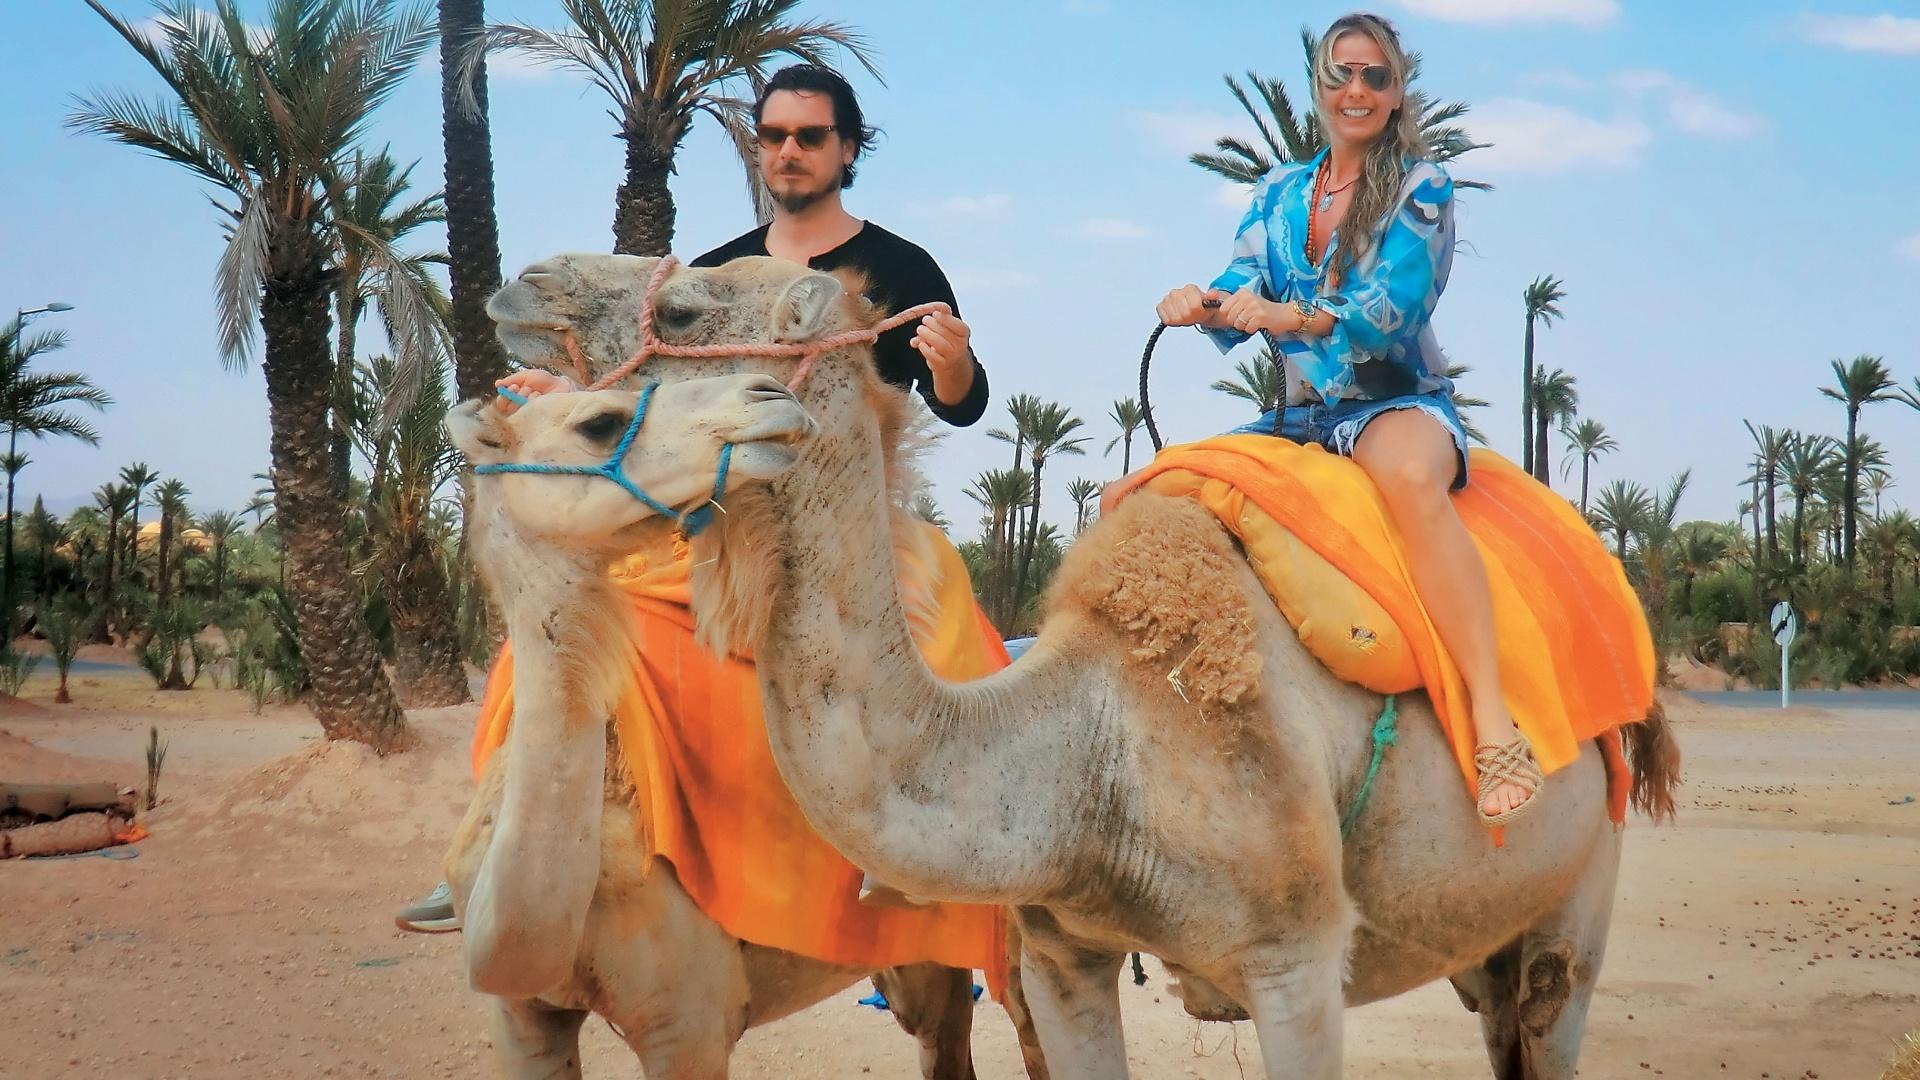 Adriane Galisteu e o marido Alexandre Iódice passeiam em Marrocos